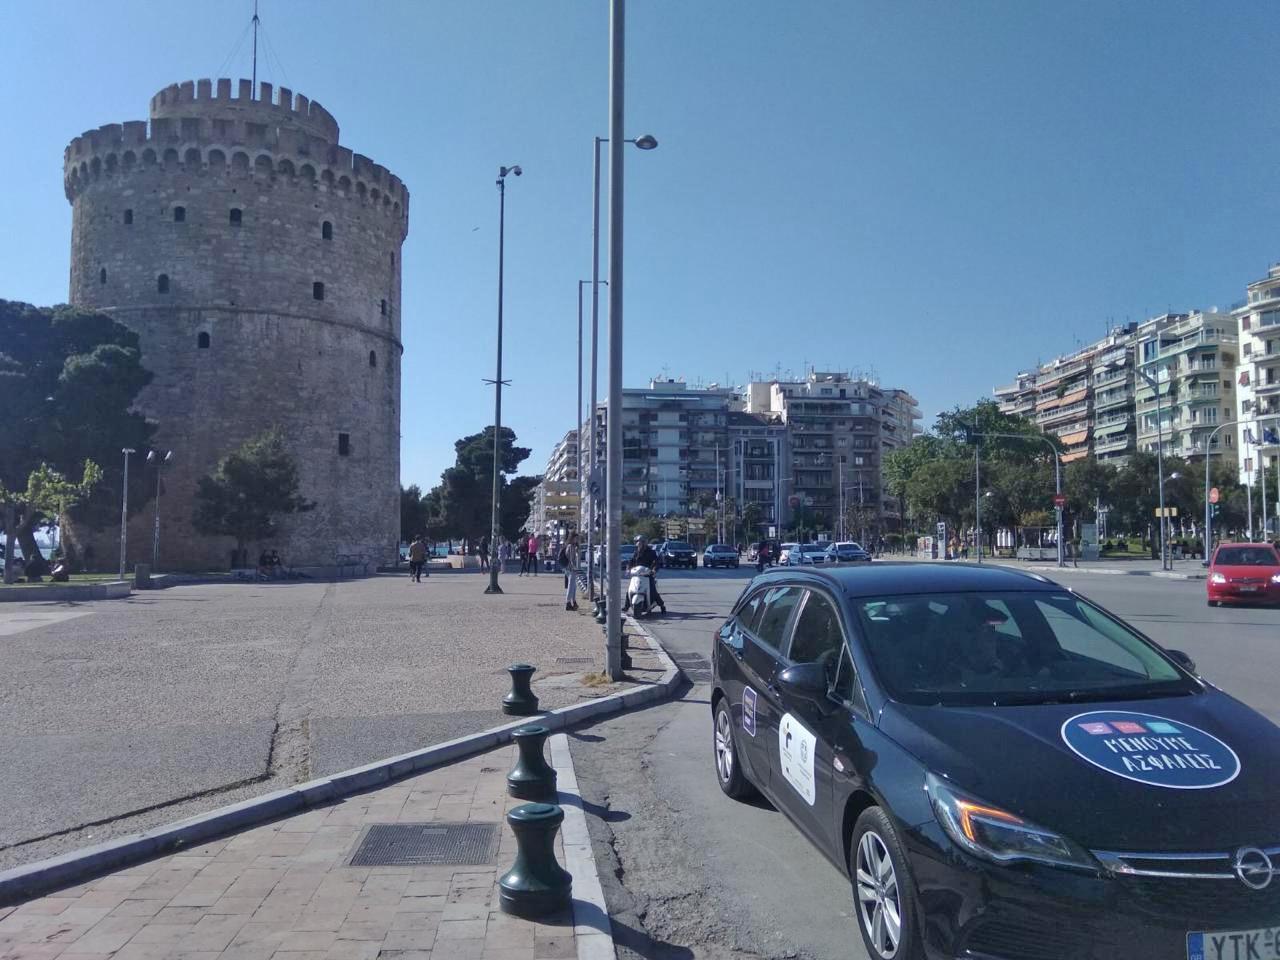 ΕΟΔΥ: Έναρξη υλοποίησης Προγράμματος των Κινητών Ομάδων του στην ελληνική επικράτεια (photos)